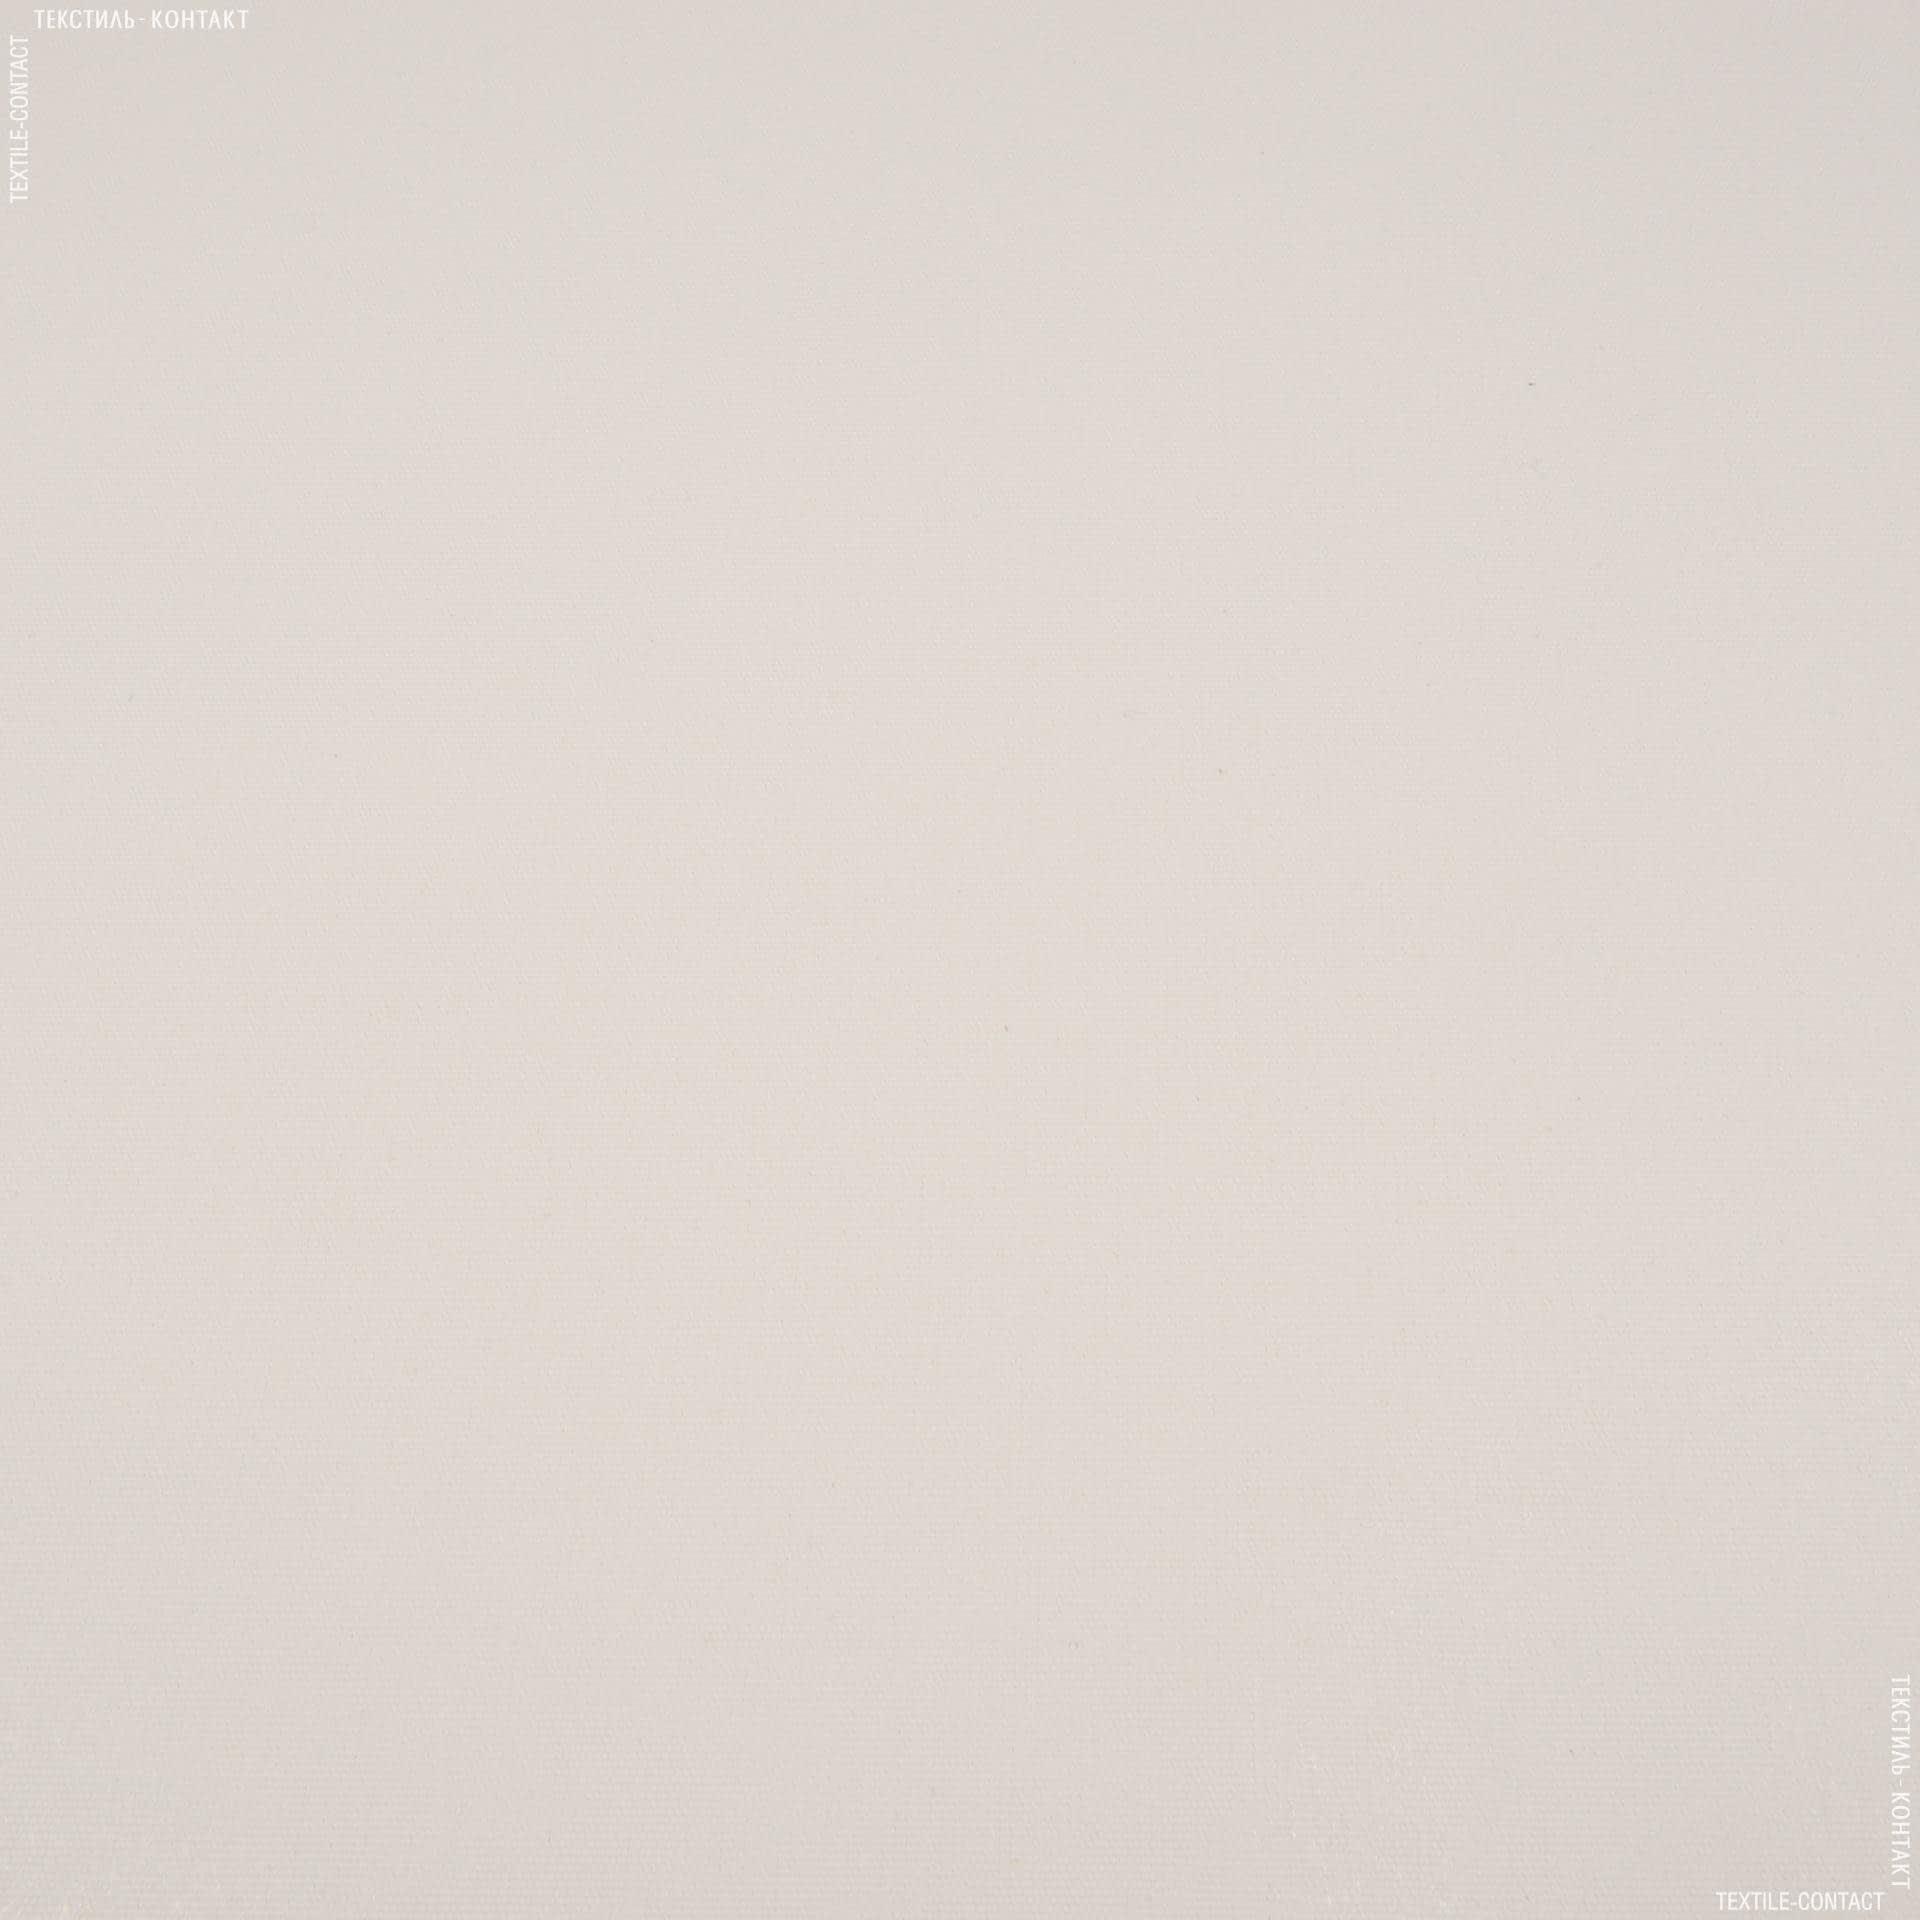 Ткани дублирин, флизелин - Дублирин ламбрикен  бандо 507г/м